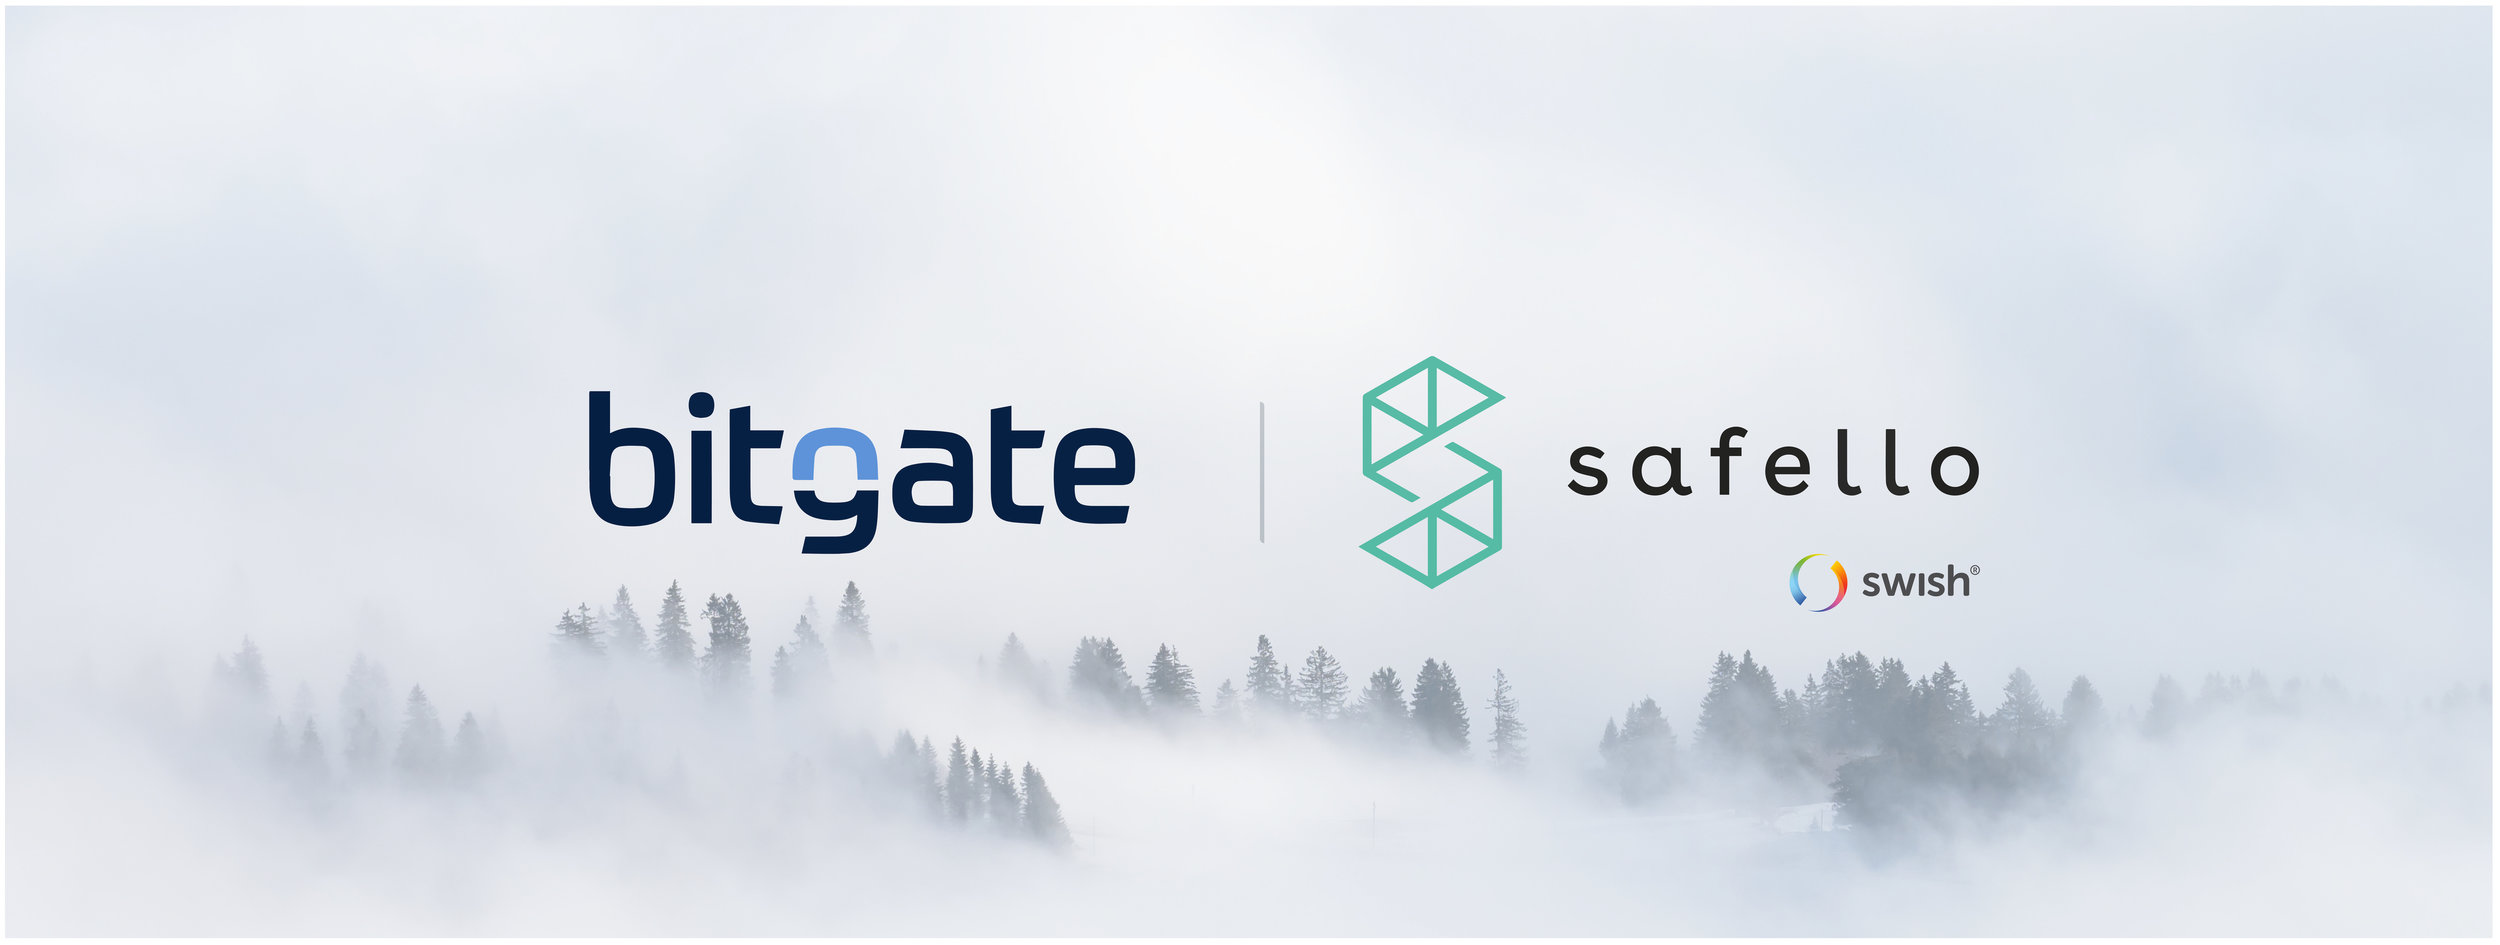 bitgate_safello